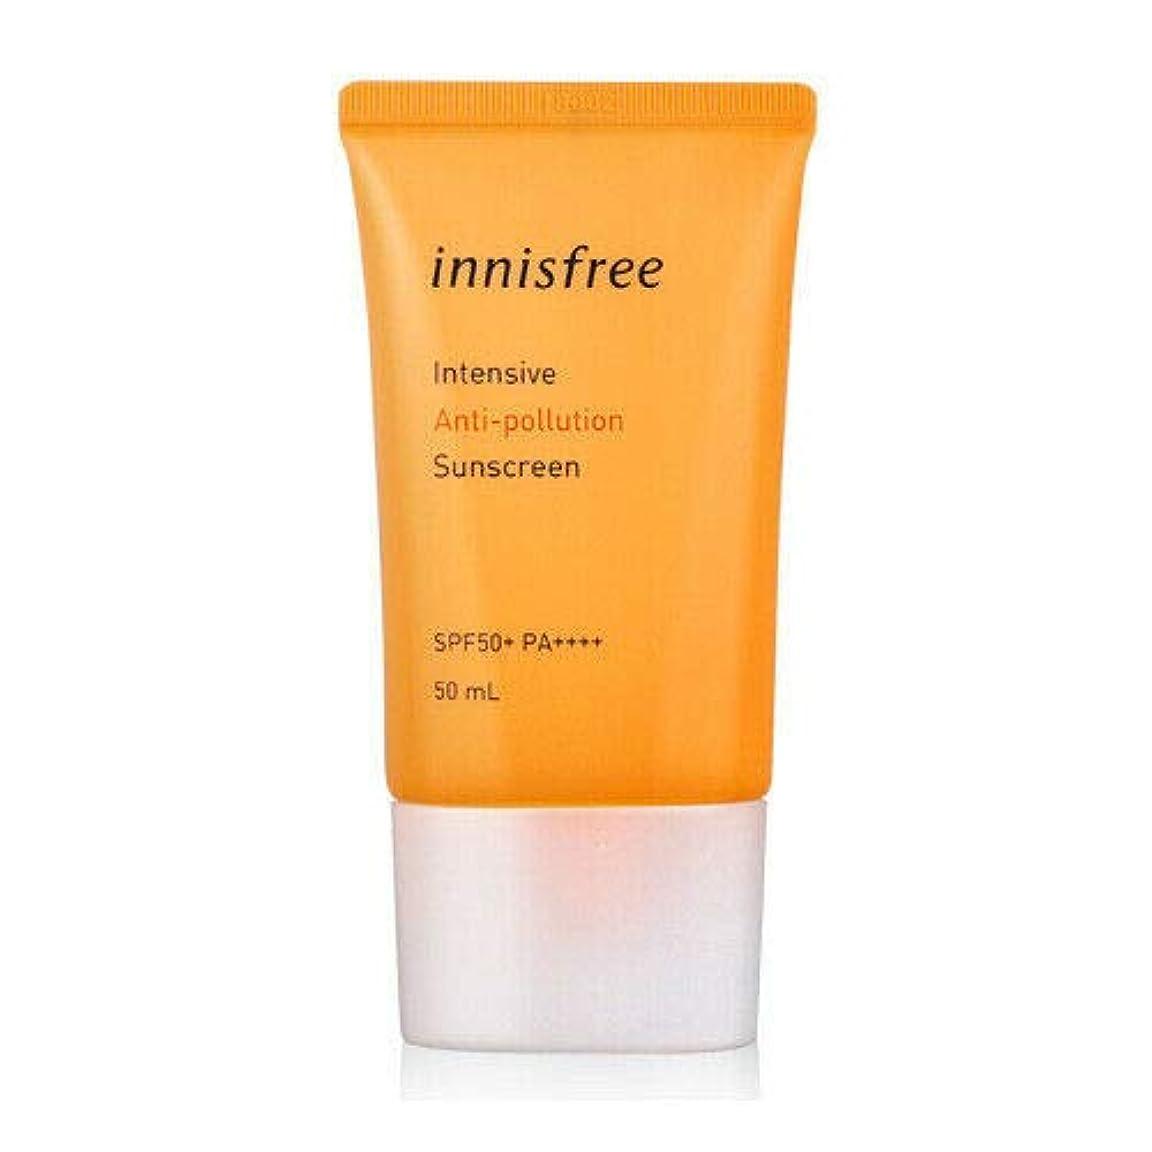 シルクサイレンポルトガル語[イニスフリー] innisfree [インテンシブ ブアンチポールション サンスクリーン 50ml ] Intensive Anti-pollution Sunscreen SPF50+ PA++++ 50ml [海外直送品]